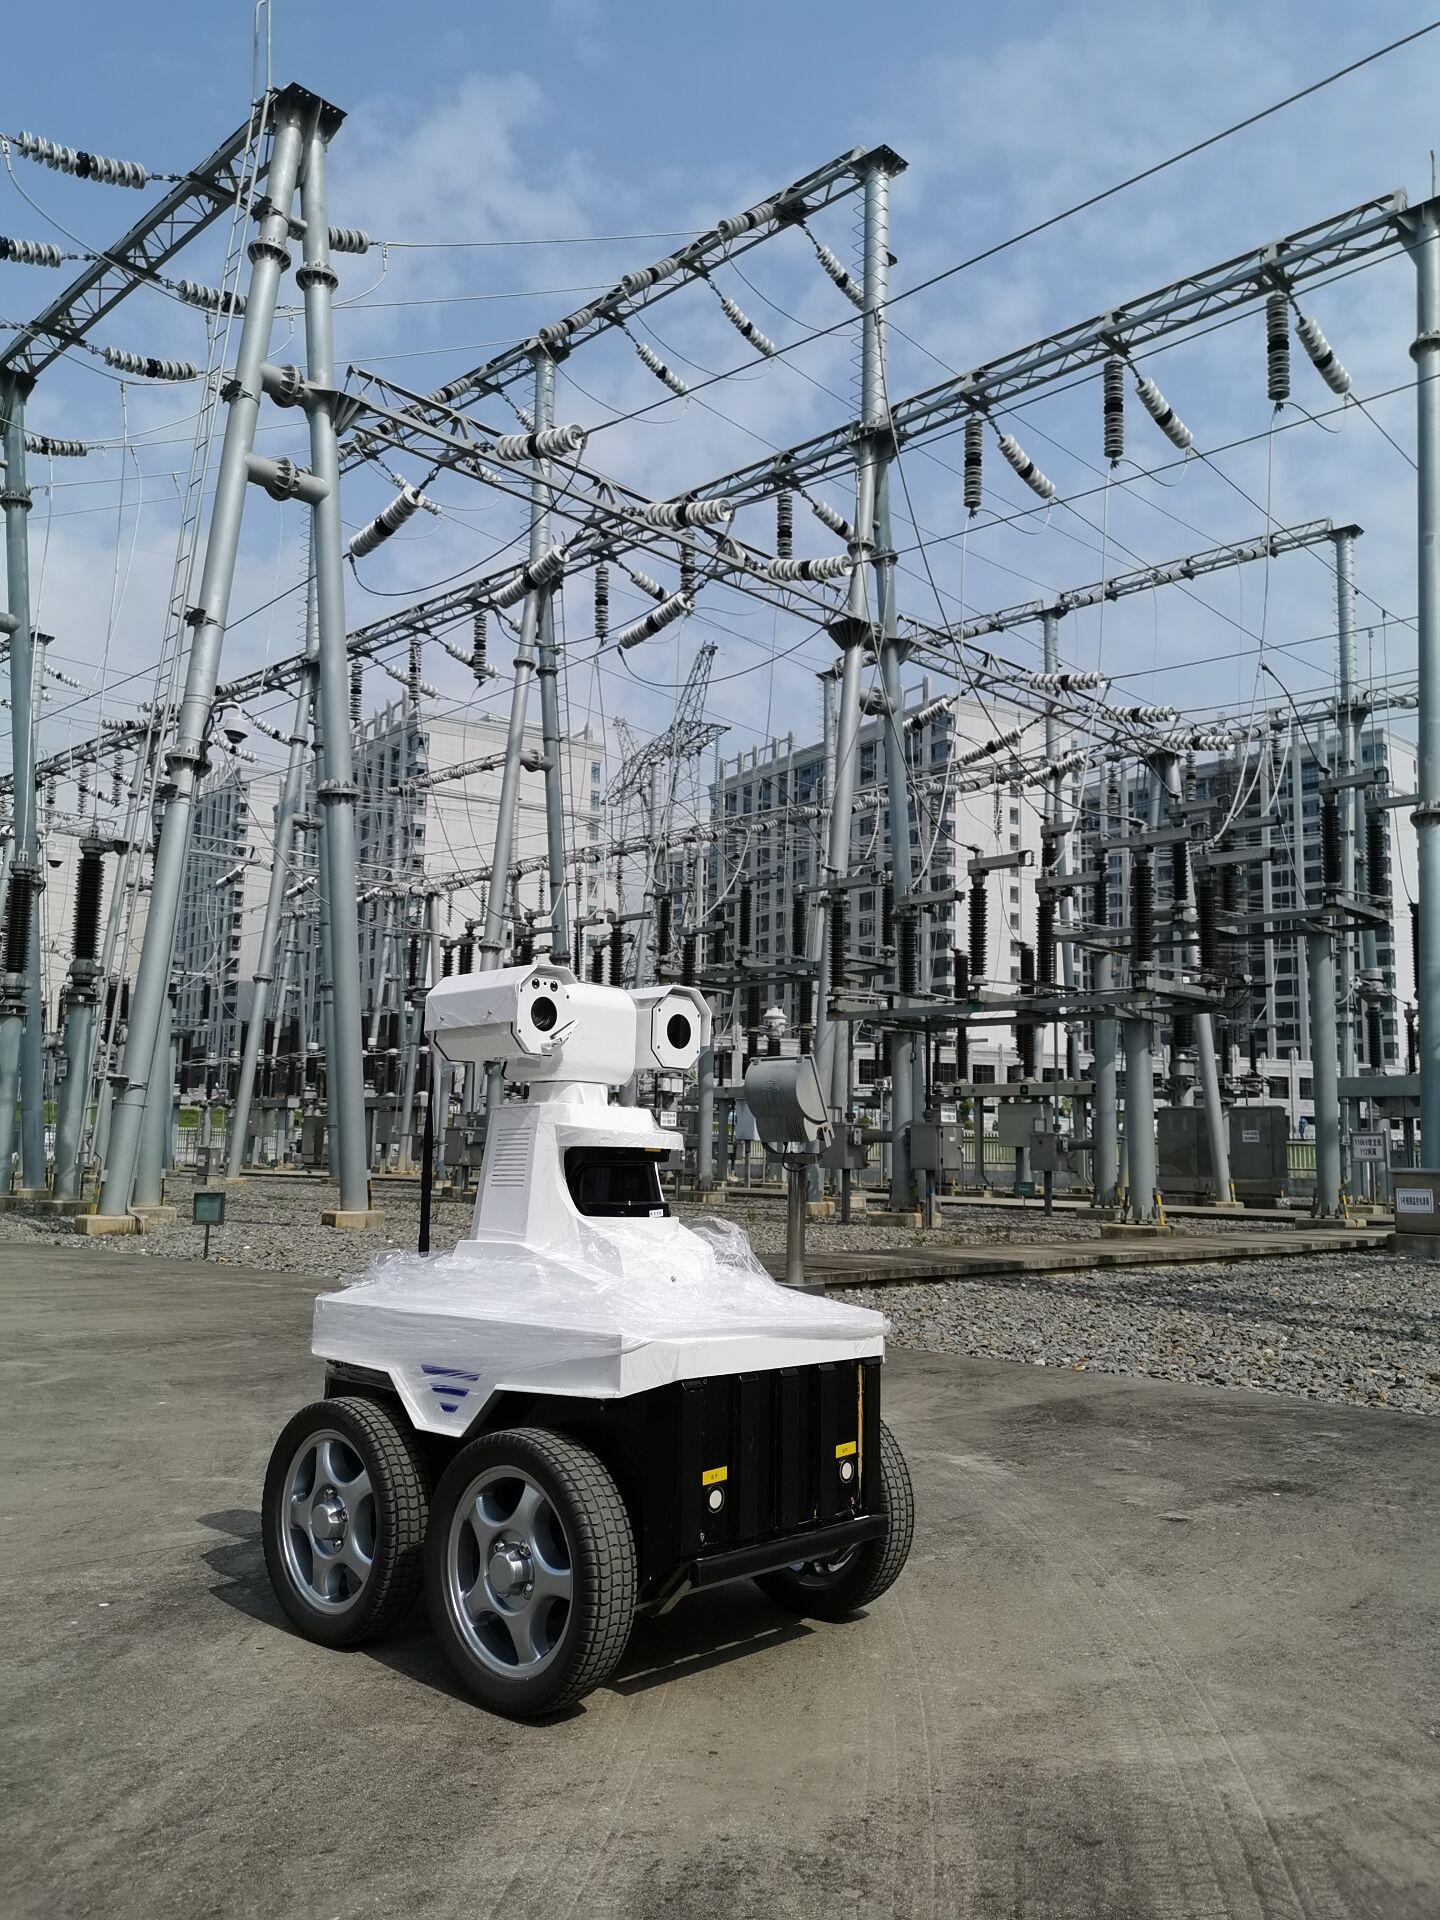 变电站智能巡检机器人巡检与传统人工巡检的对比